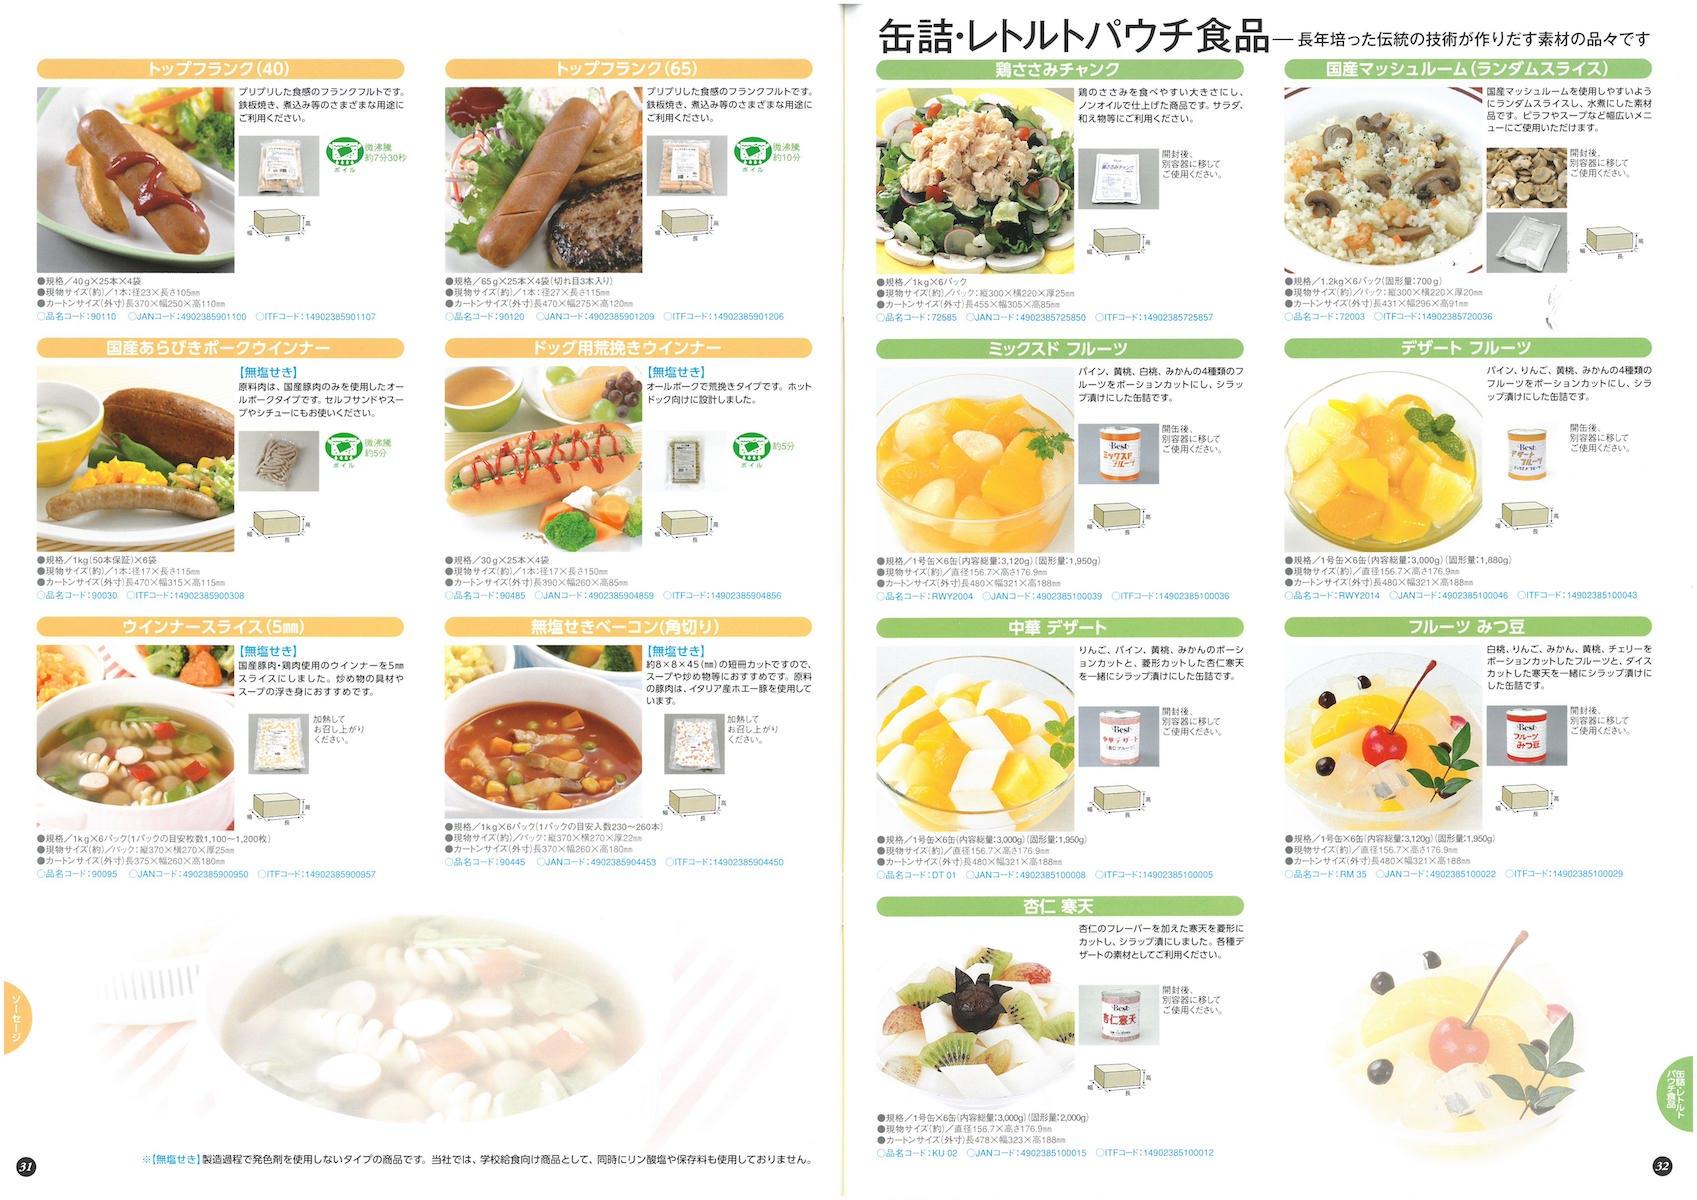 日東ベスト2018業務用食品総合カタログ